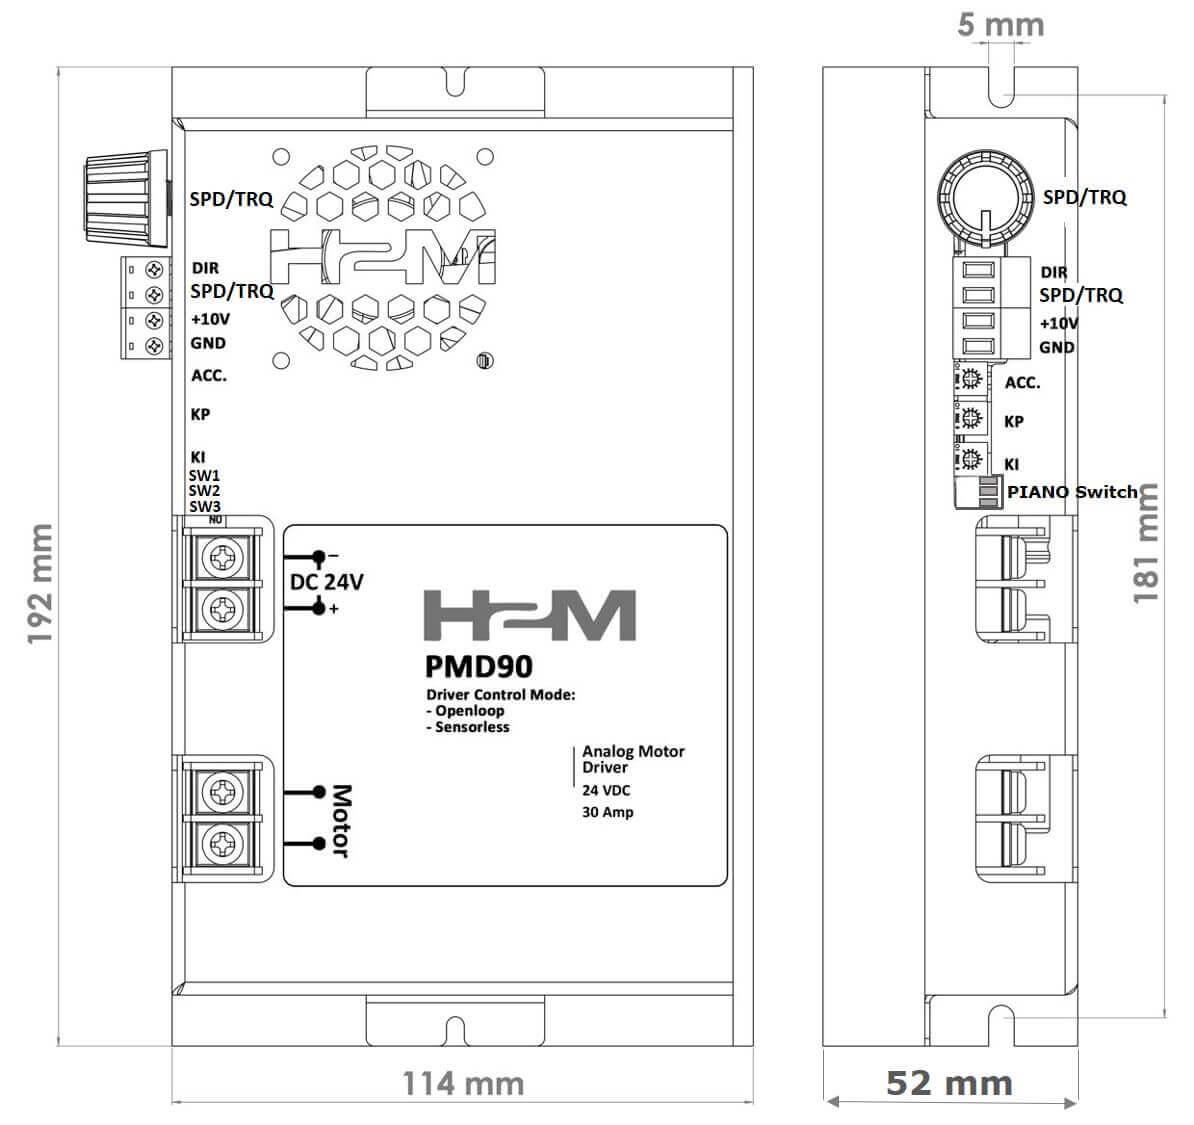 نقشه مکانیکی داریور PMD90